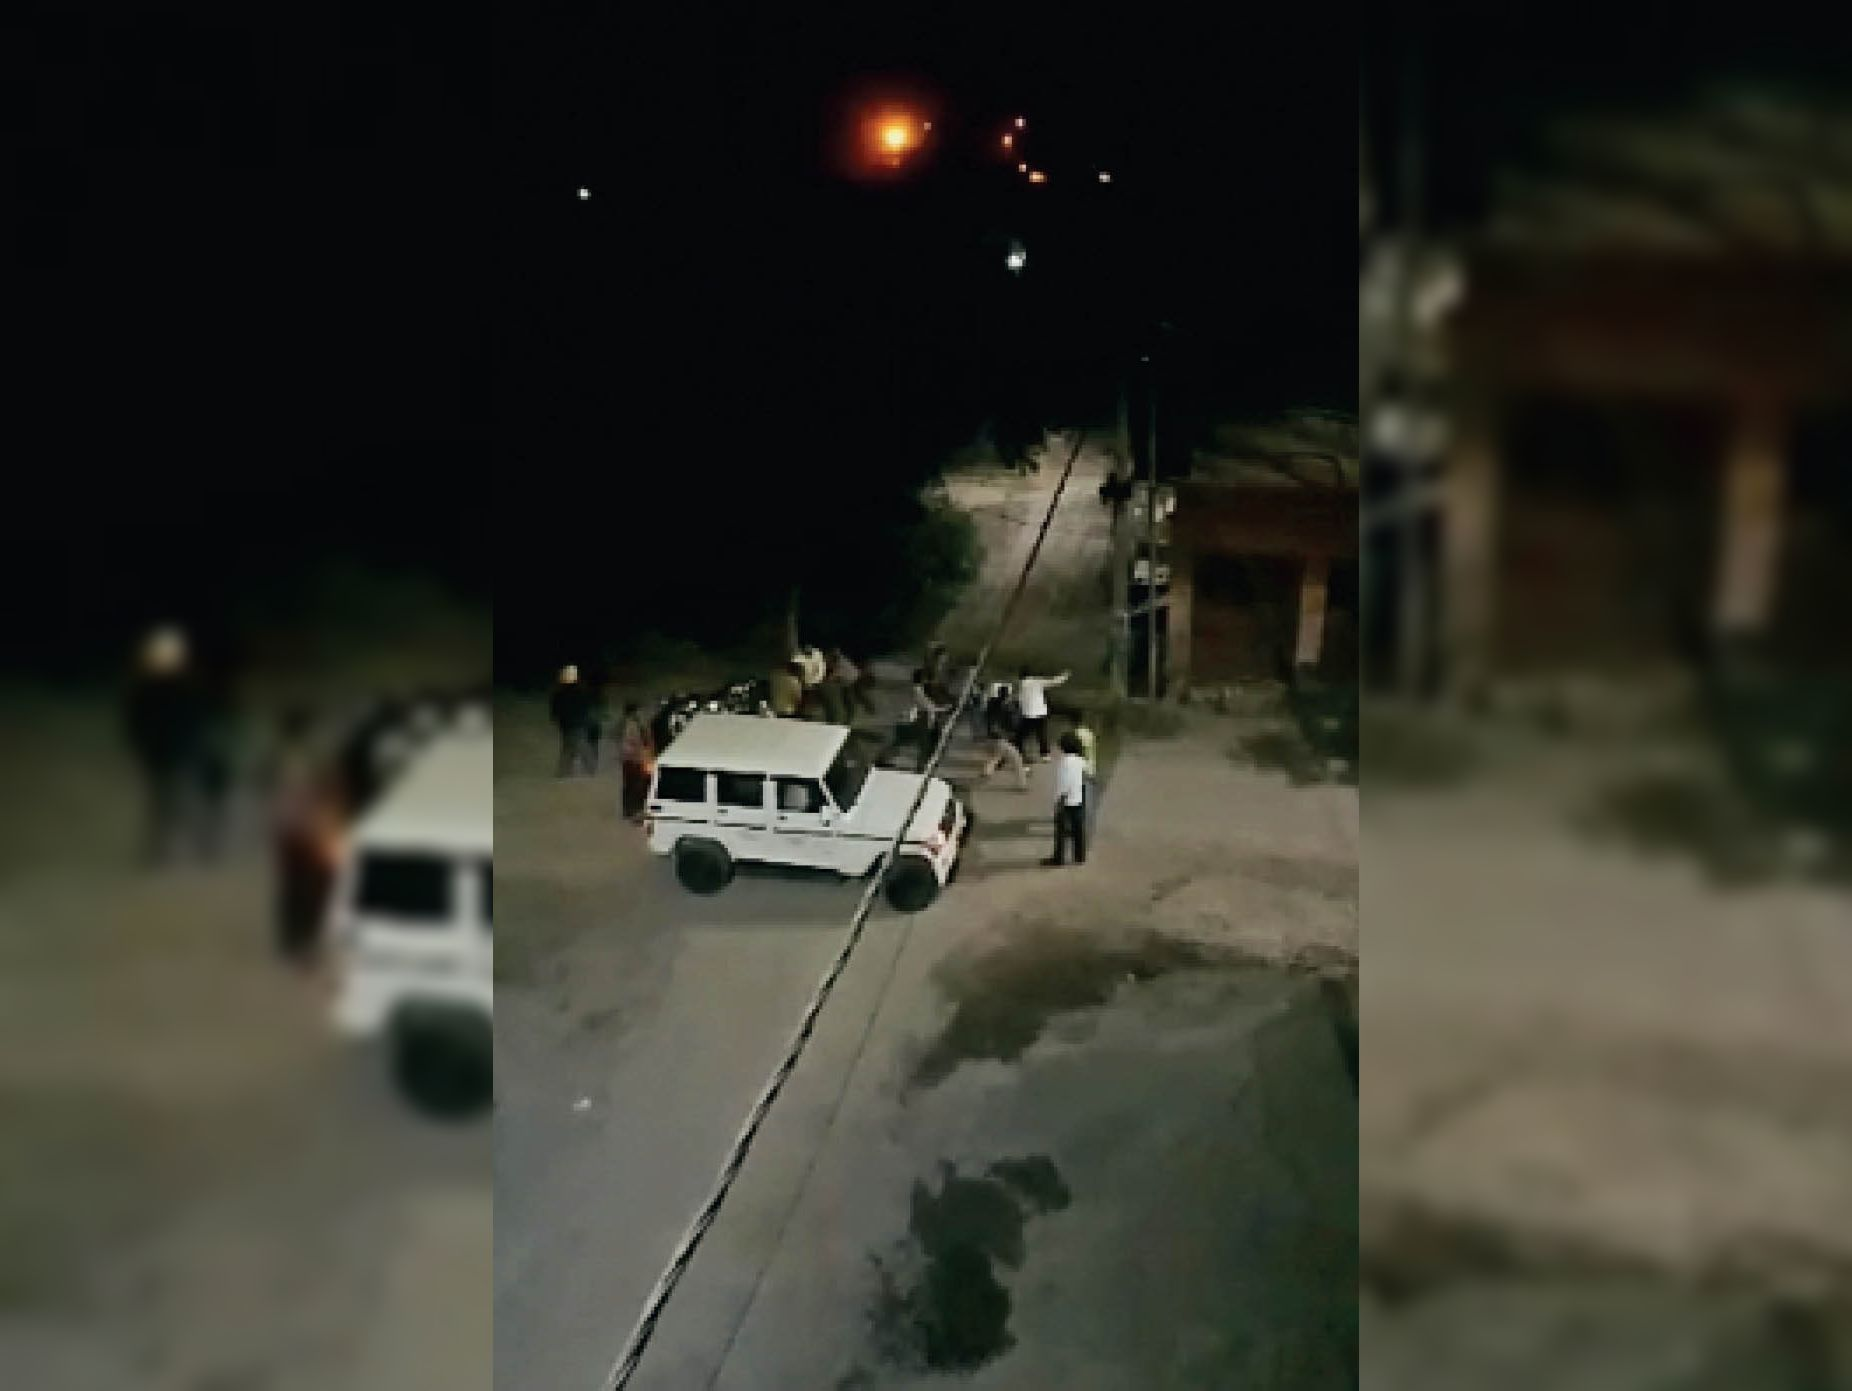 गाड़ी पीछे करने के झगड़े में 2 दर्जन युवकों ने शराब कारोबारी के कारिंदे को तलवारों से काटा, मौत|अमृतसर,Amritsar - Dainik Bhaskar